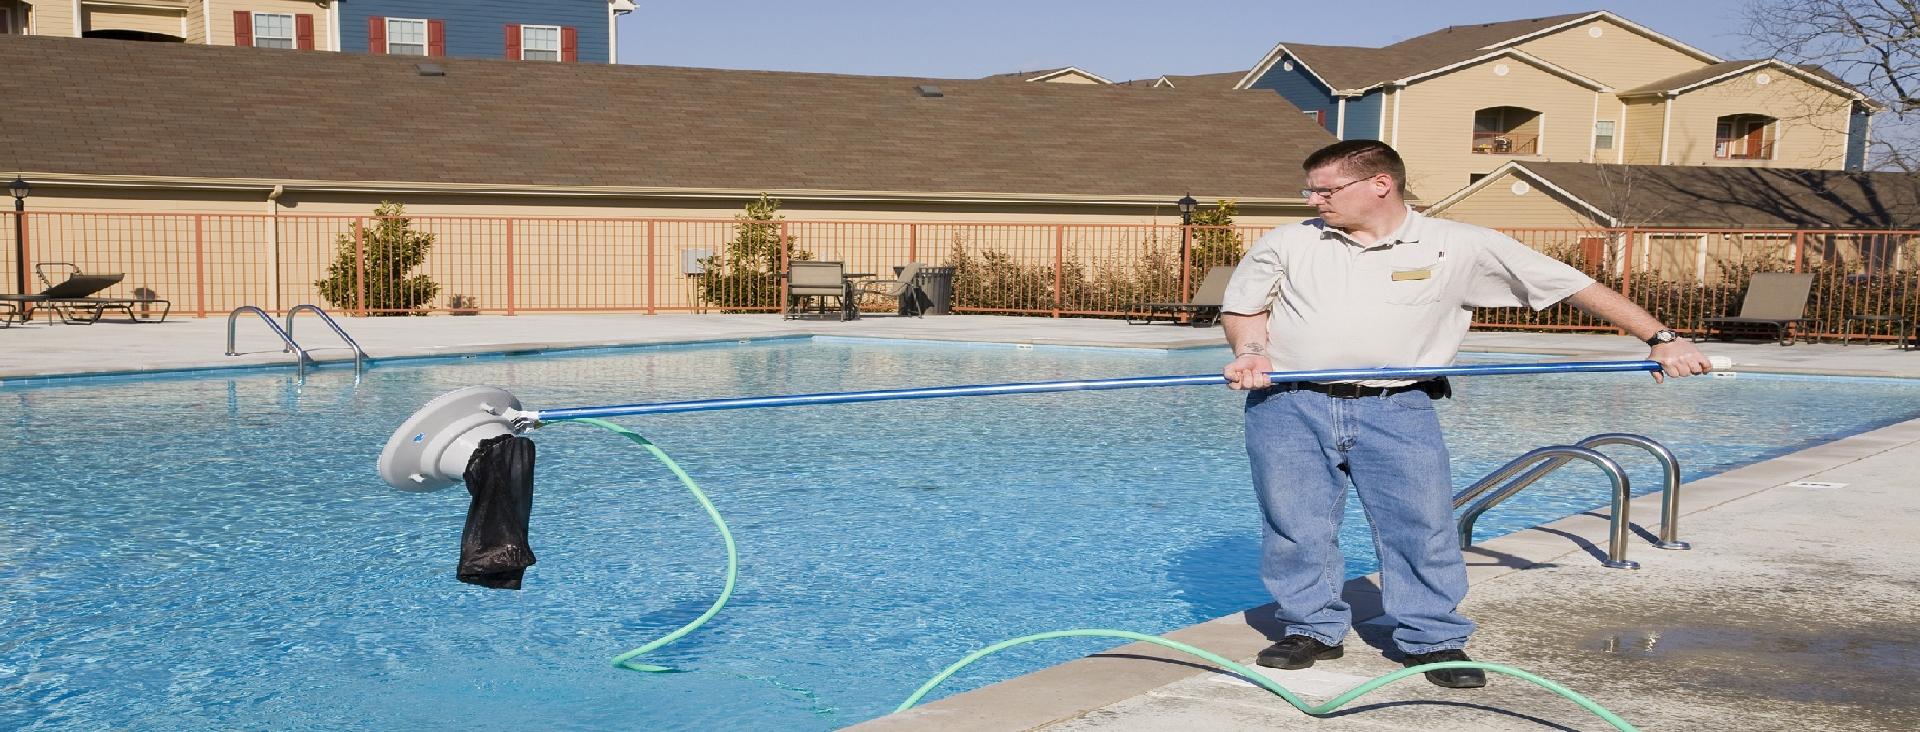 Сервисное обслуживание бассейновОбслуживание бассейнов